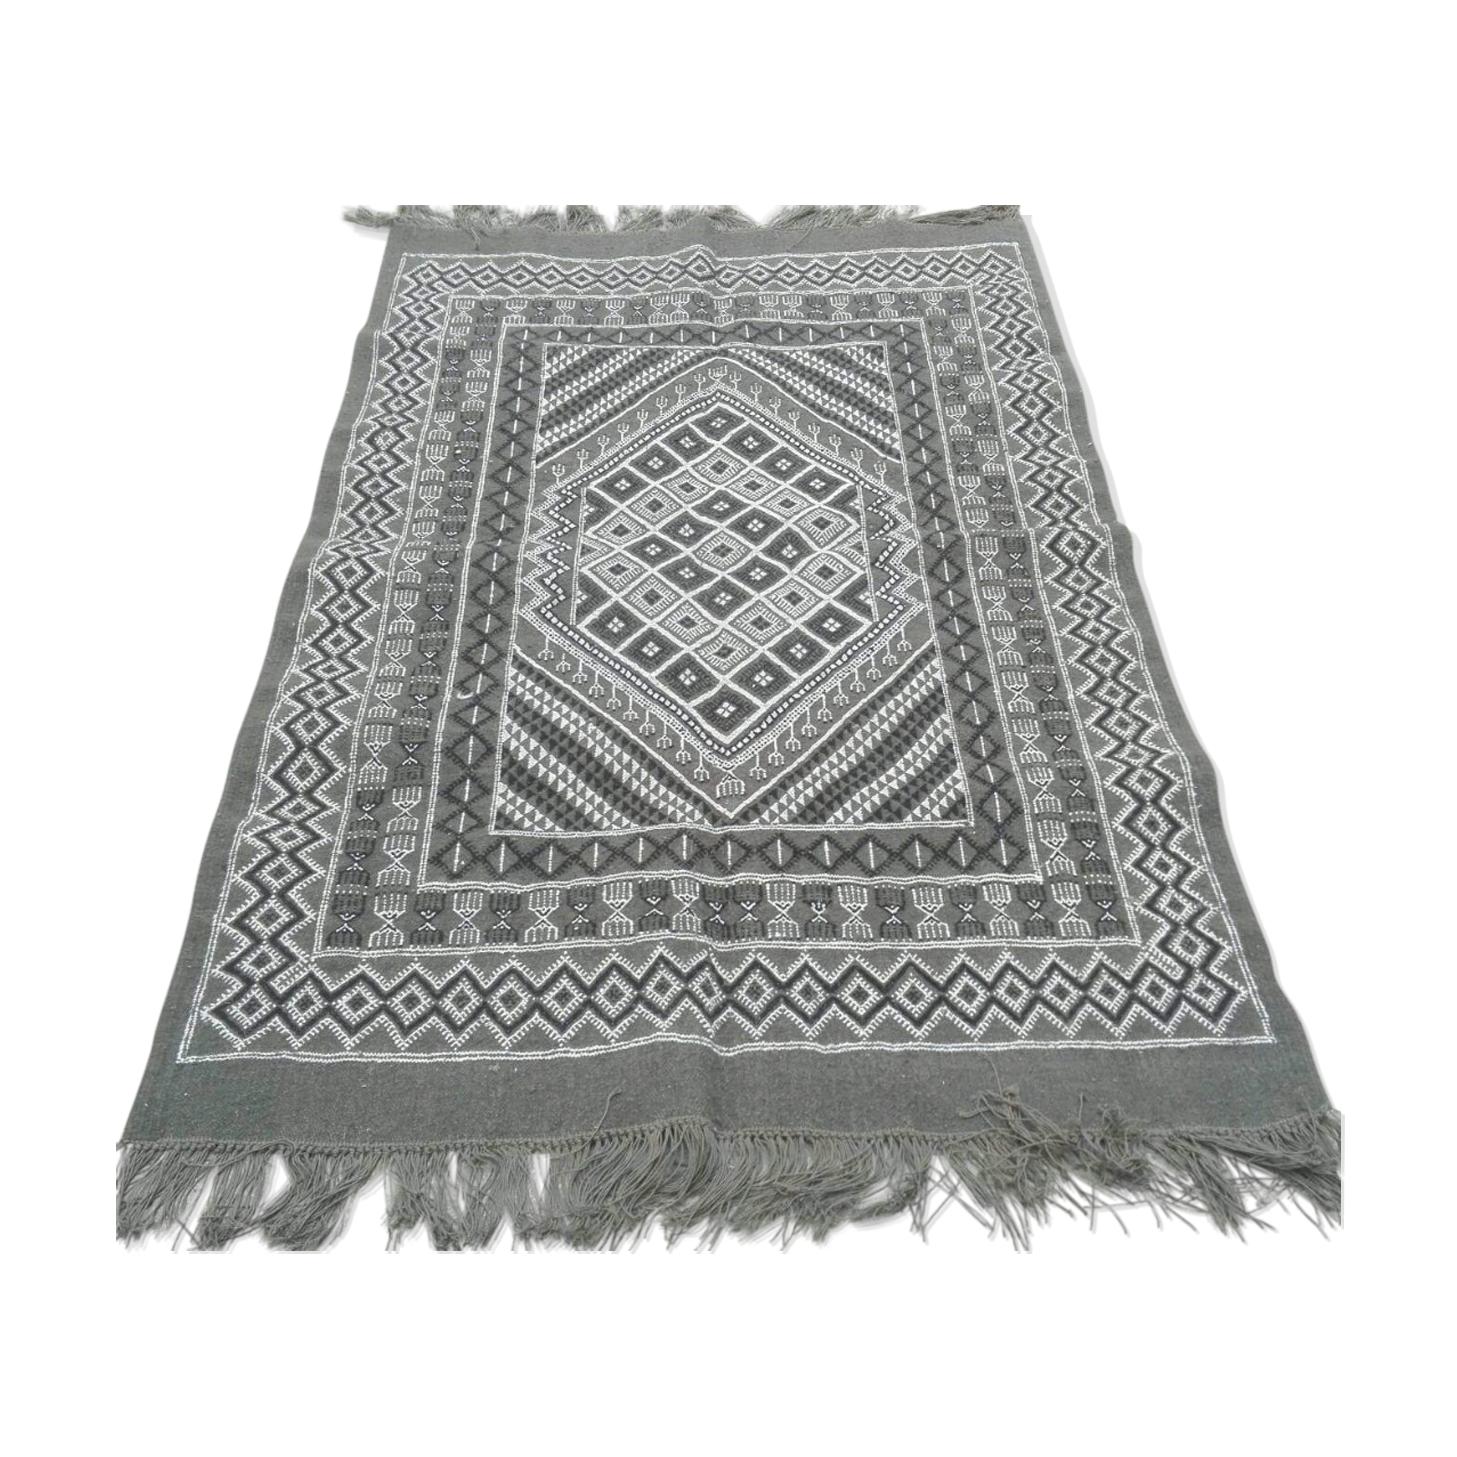 Tapis berbère en laine 166x267cm